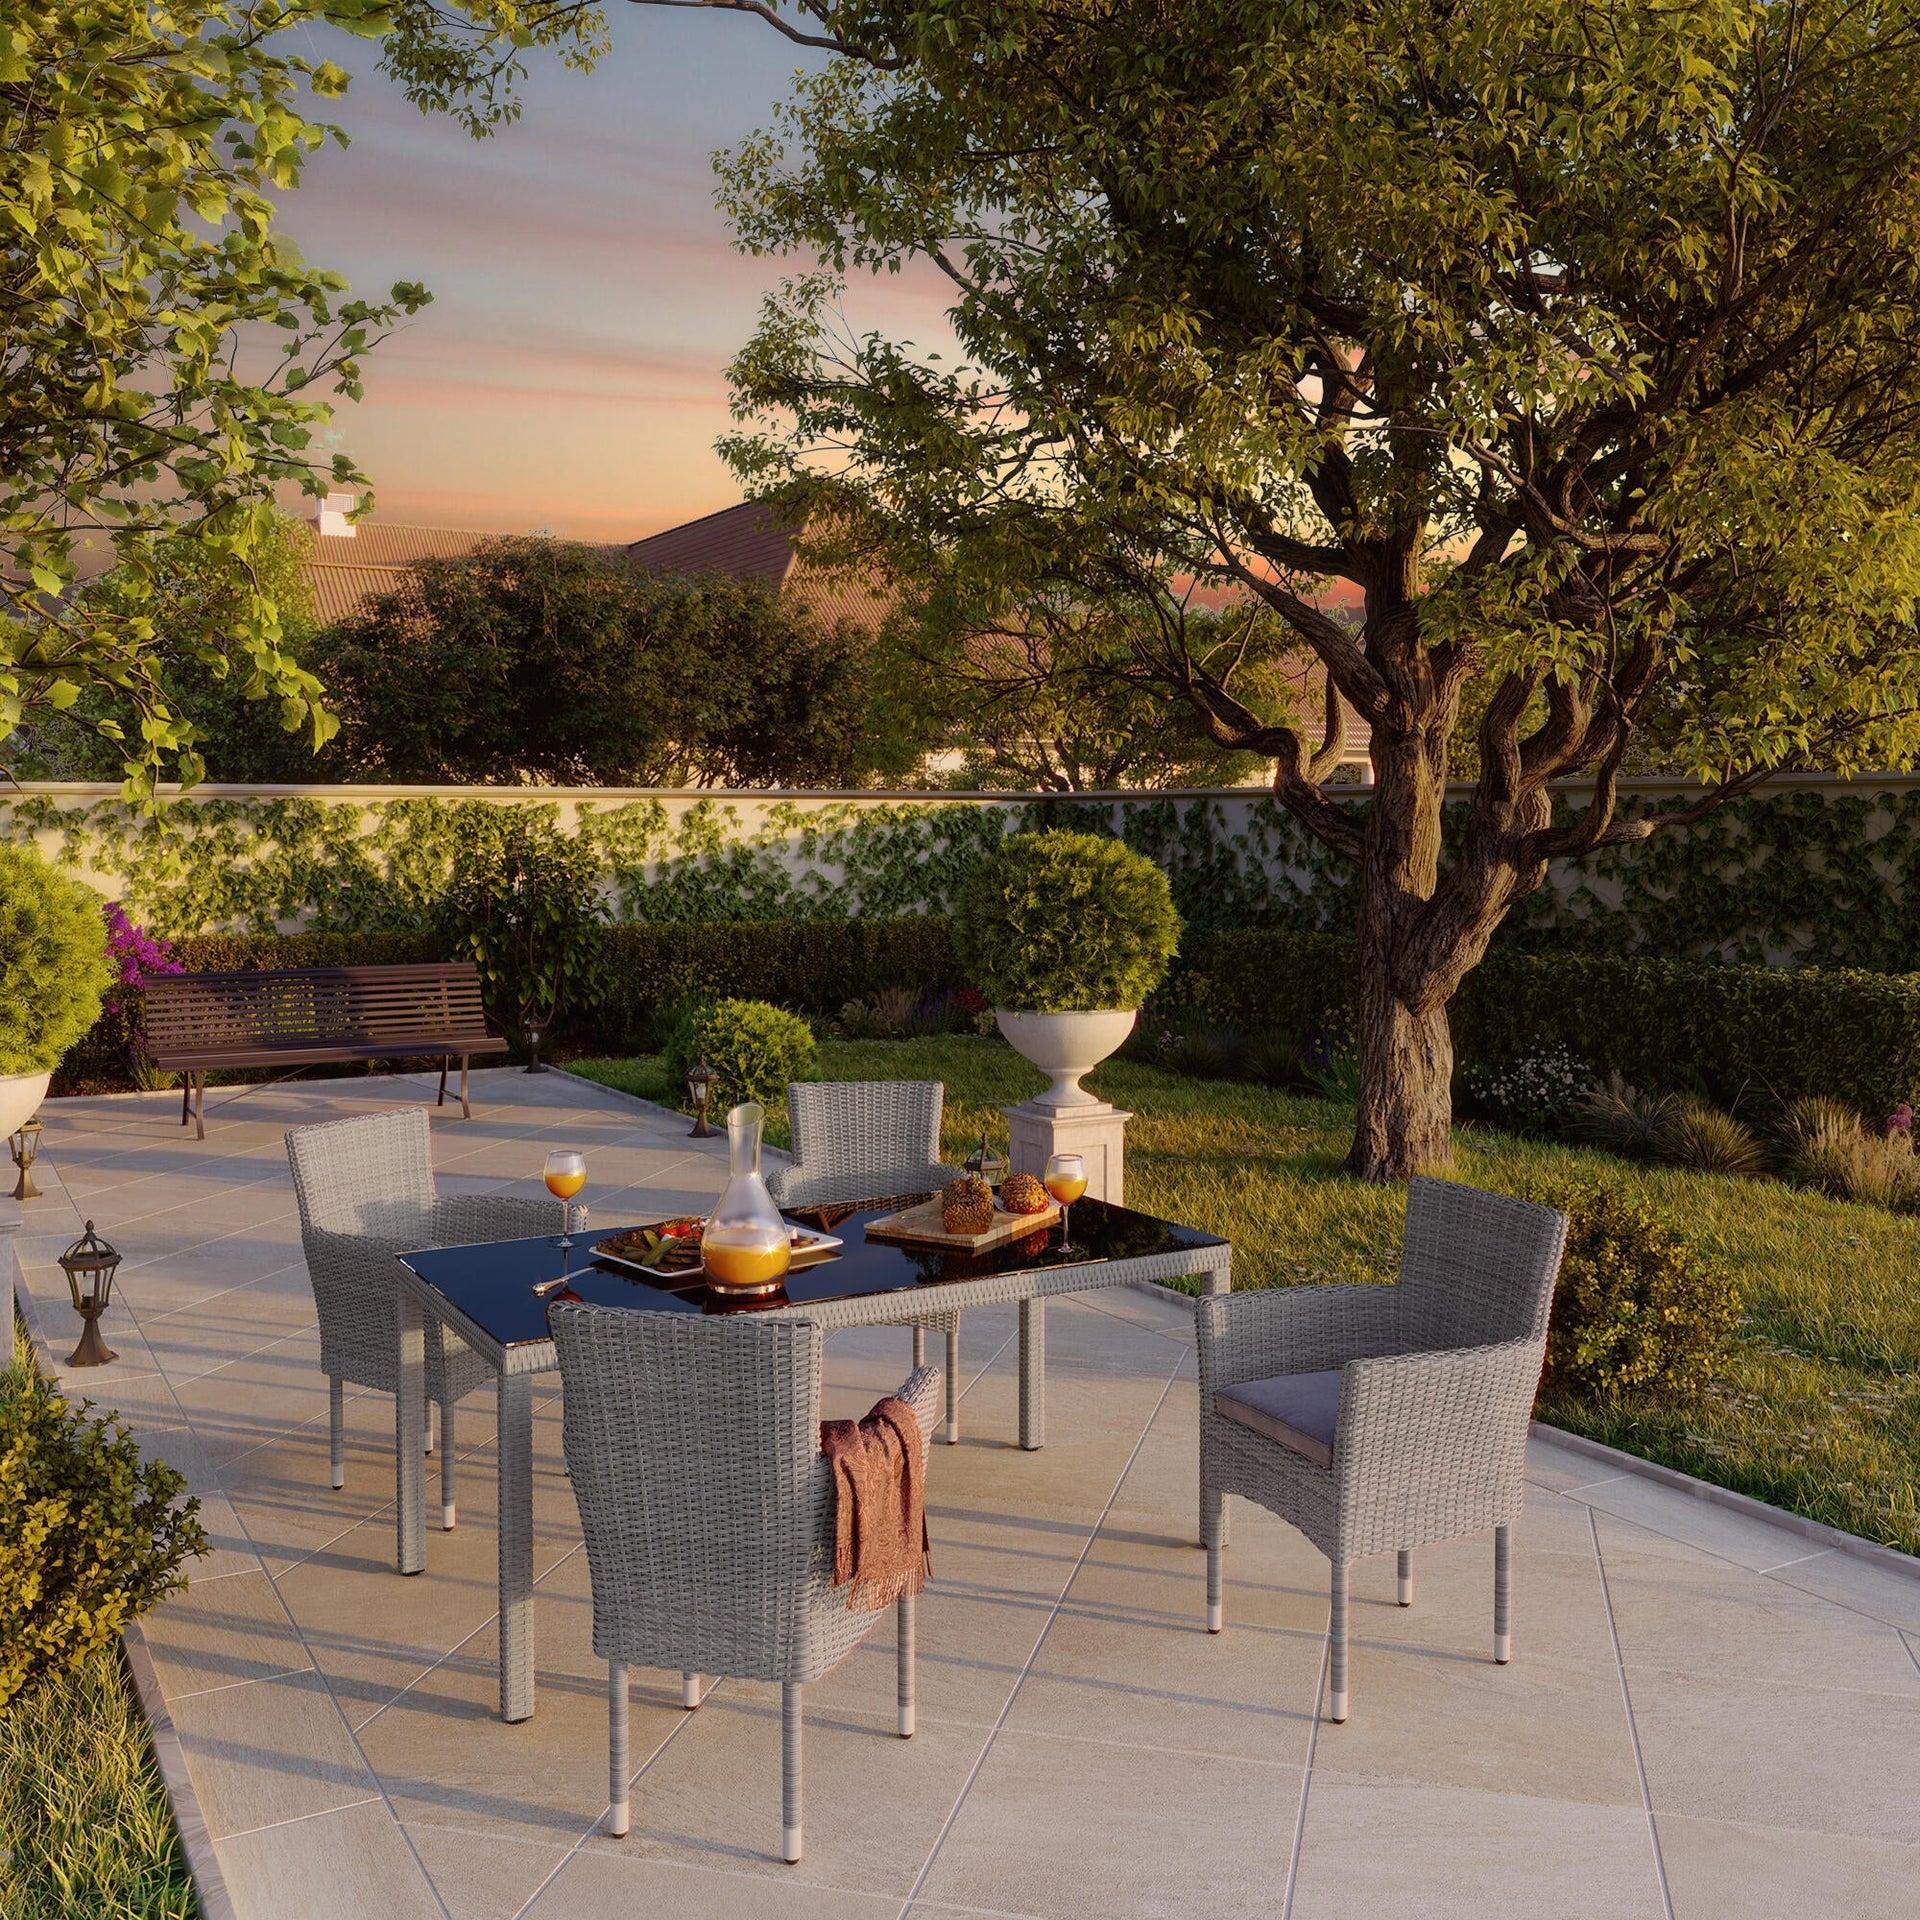 Poltrona da giardino con cuscino in alluminio Davos NATERIAL colore antracite - 7